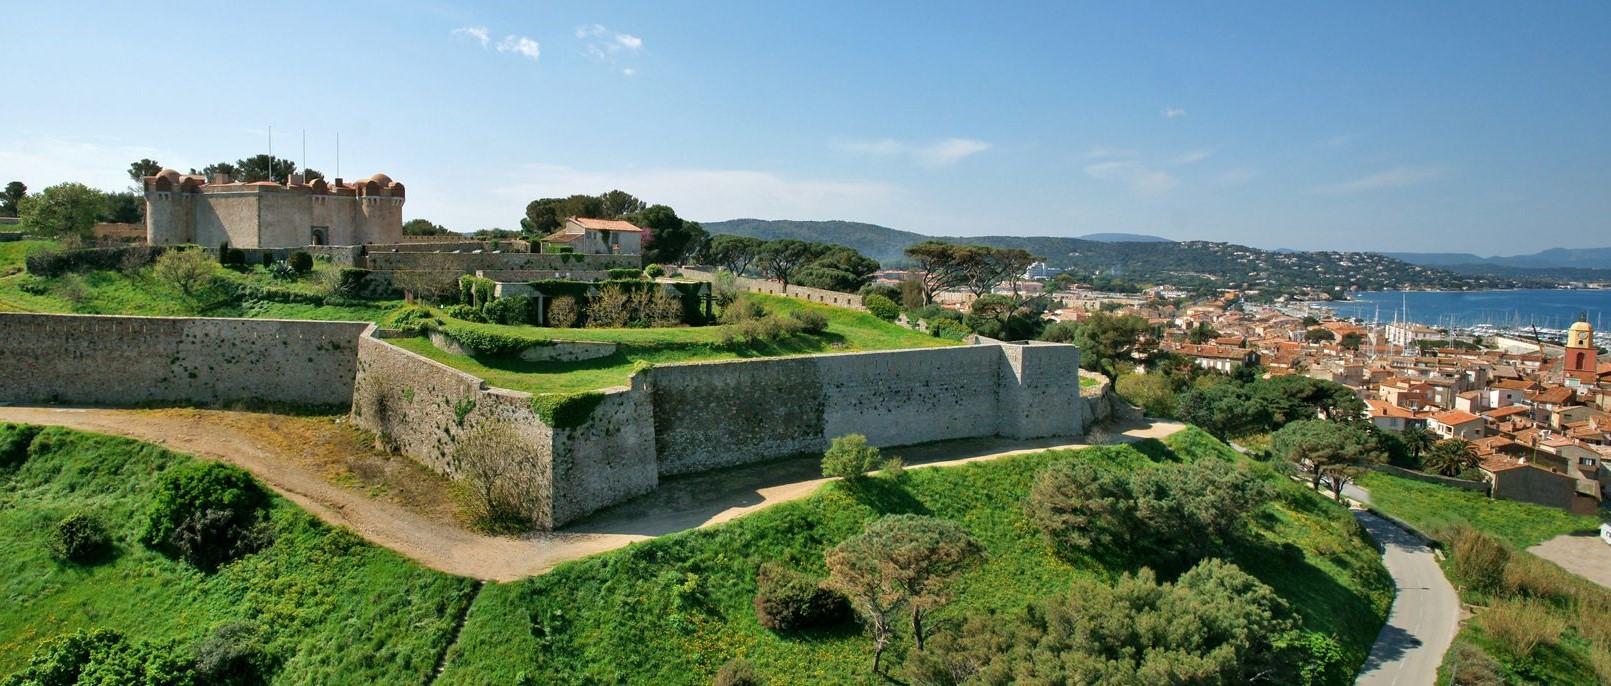 Image Musée maritime et citadelle